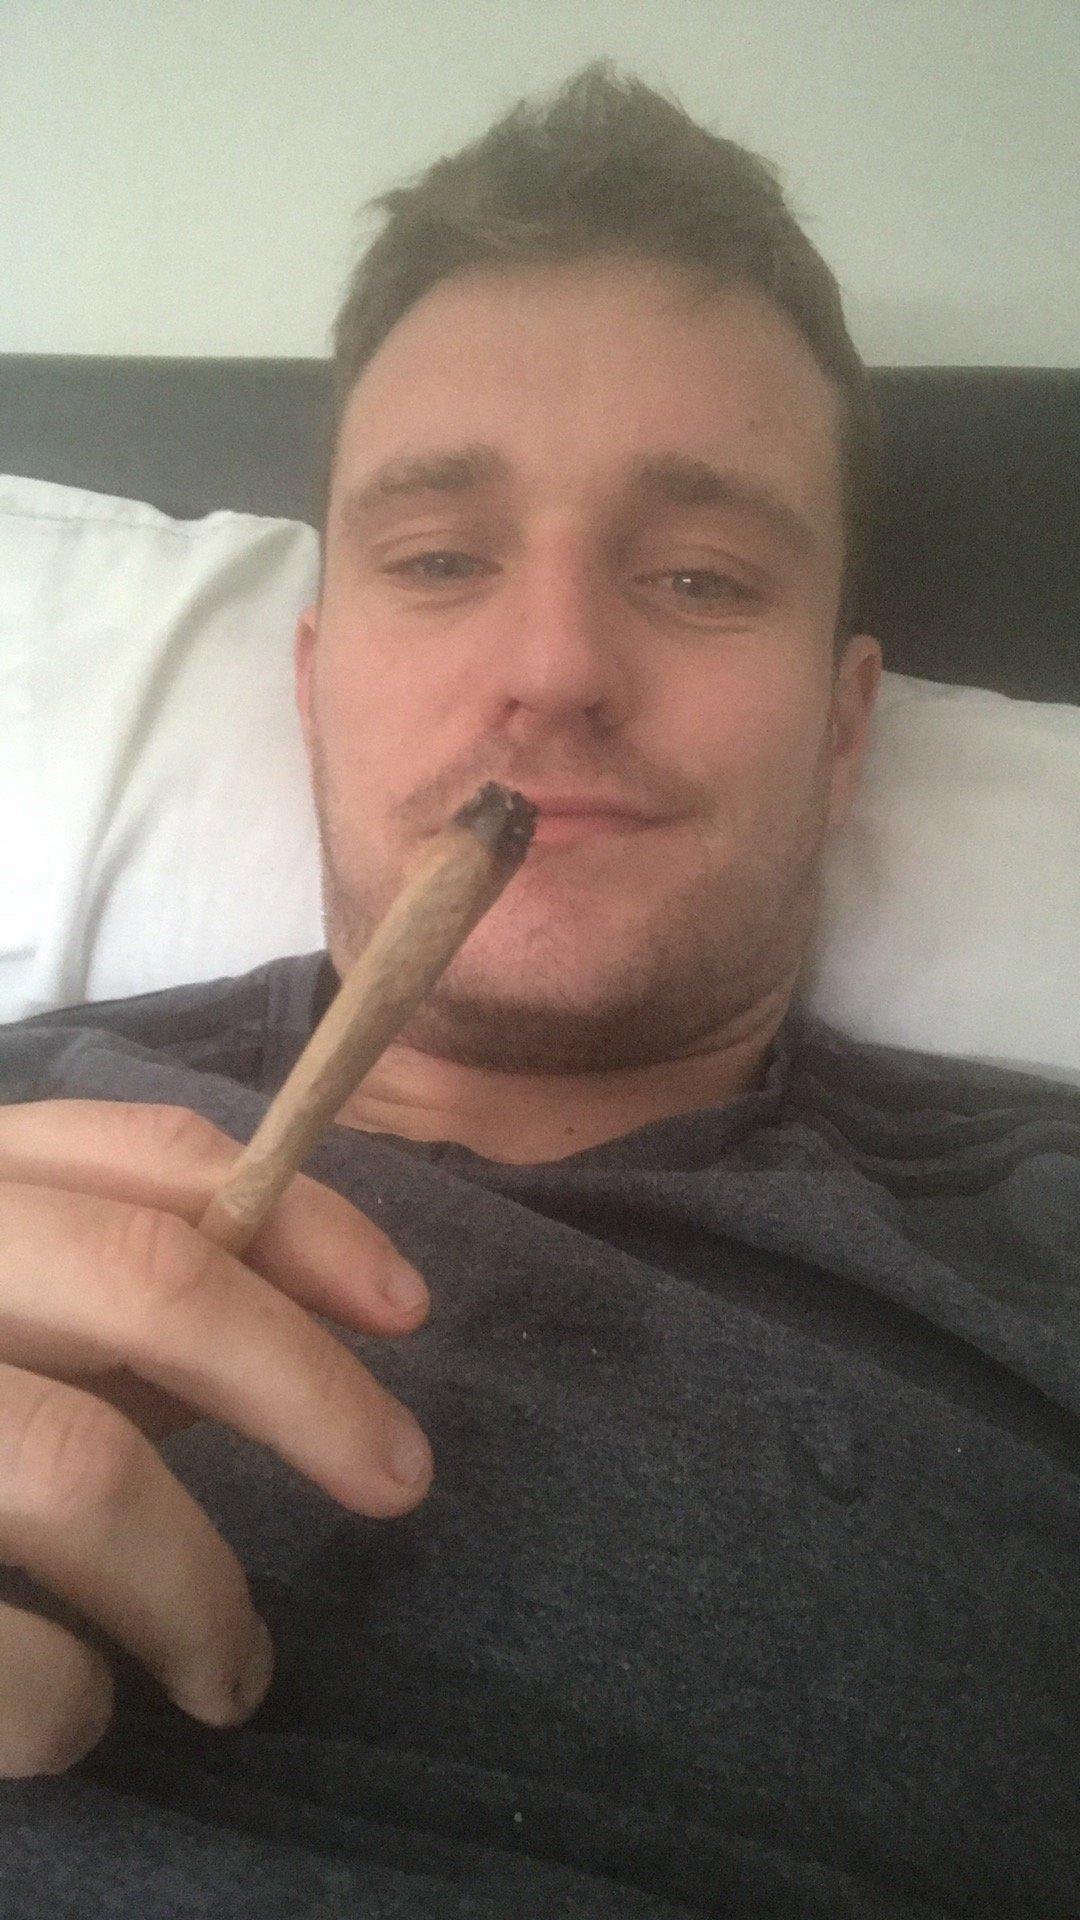 Papa27 from Glasgow City,United Kingdom